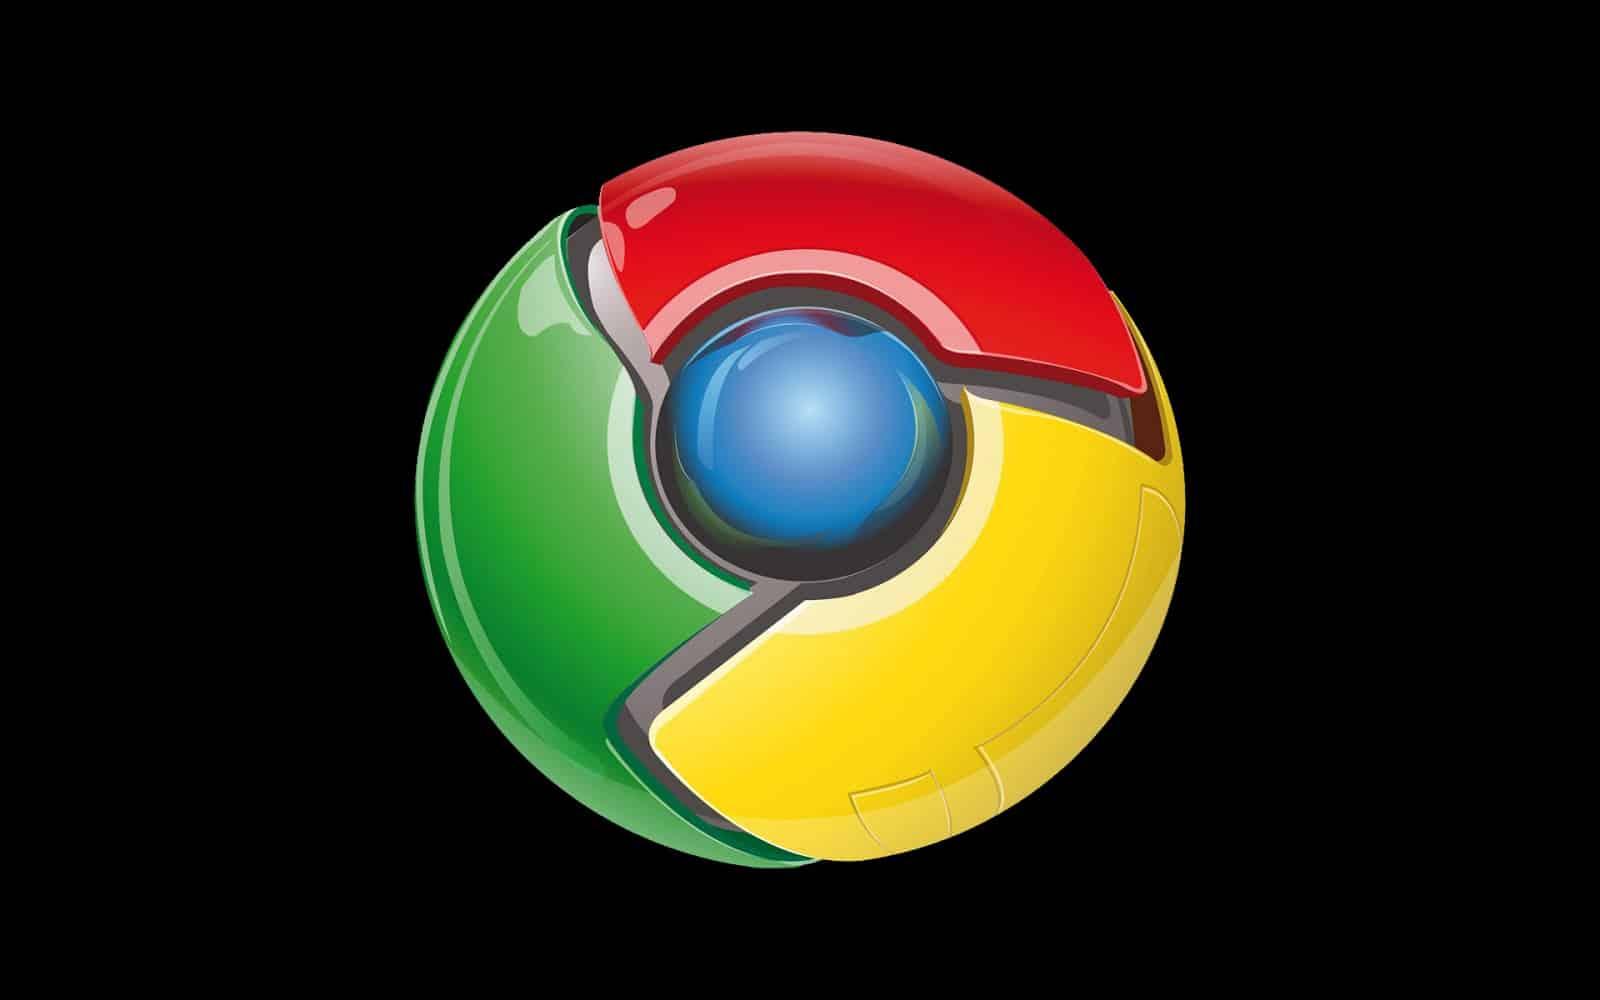 Limpar cache Chrome: saiba como esvaziar os dados de navegação